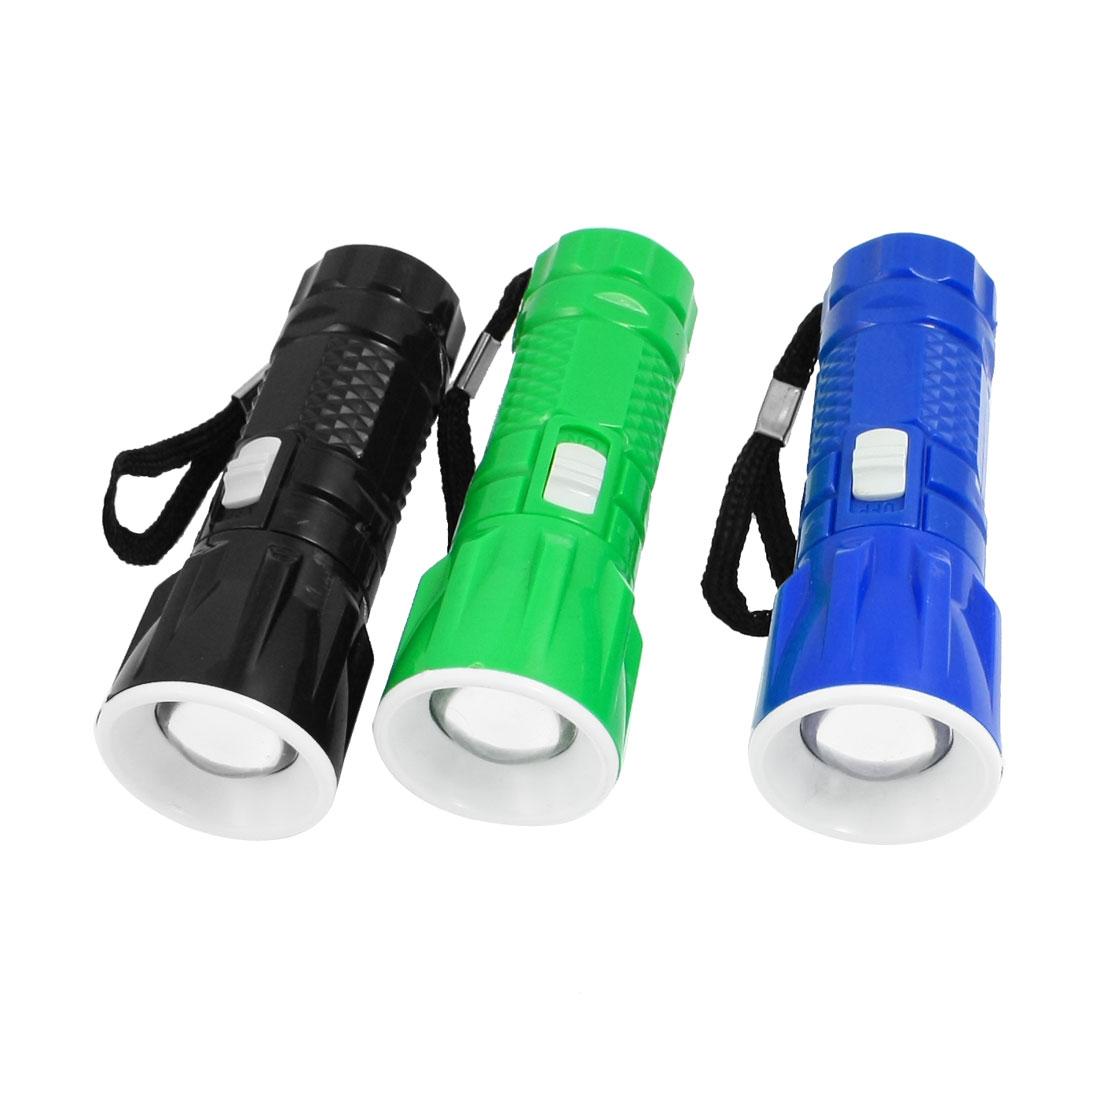 Plastic Textured Shell White 1 LED Mini Flashlight Torch 3 Pcs